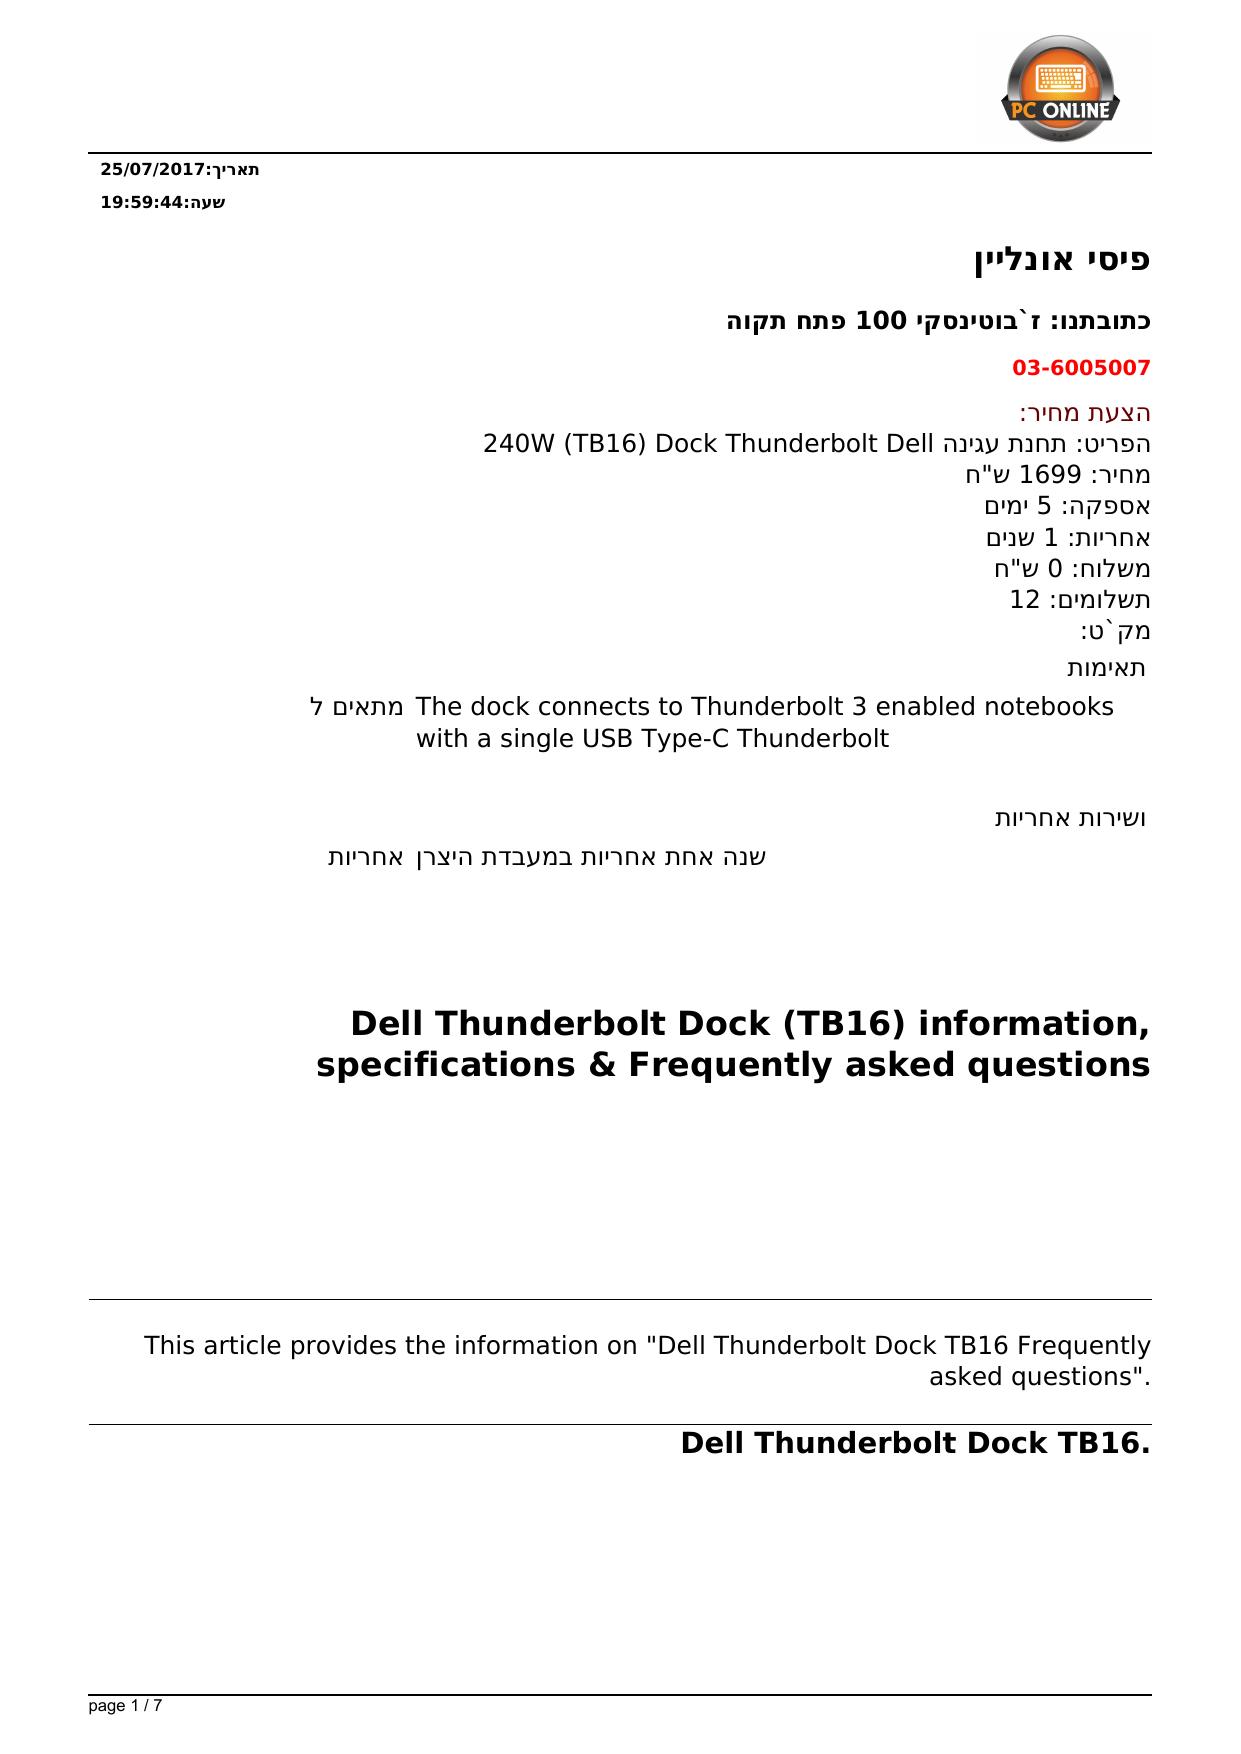 Dell Thunderbolt Dock | manualzz com